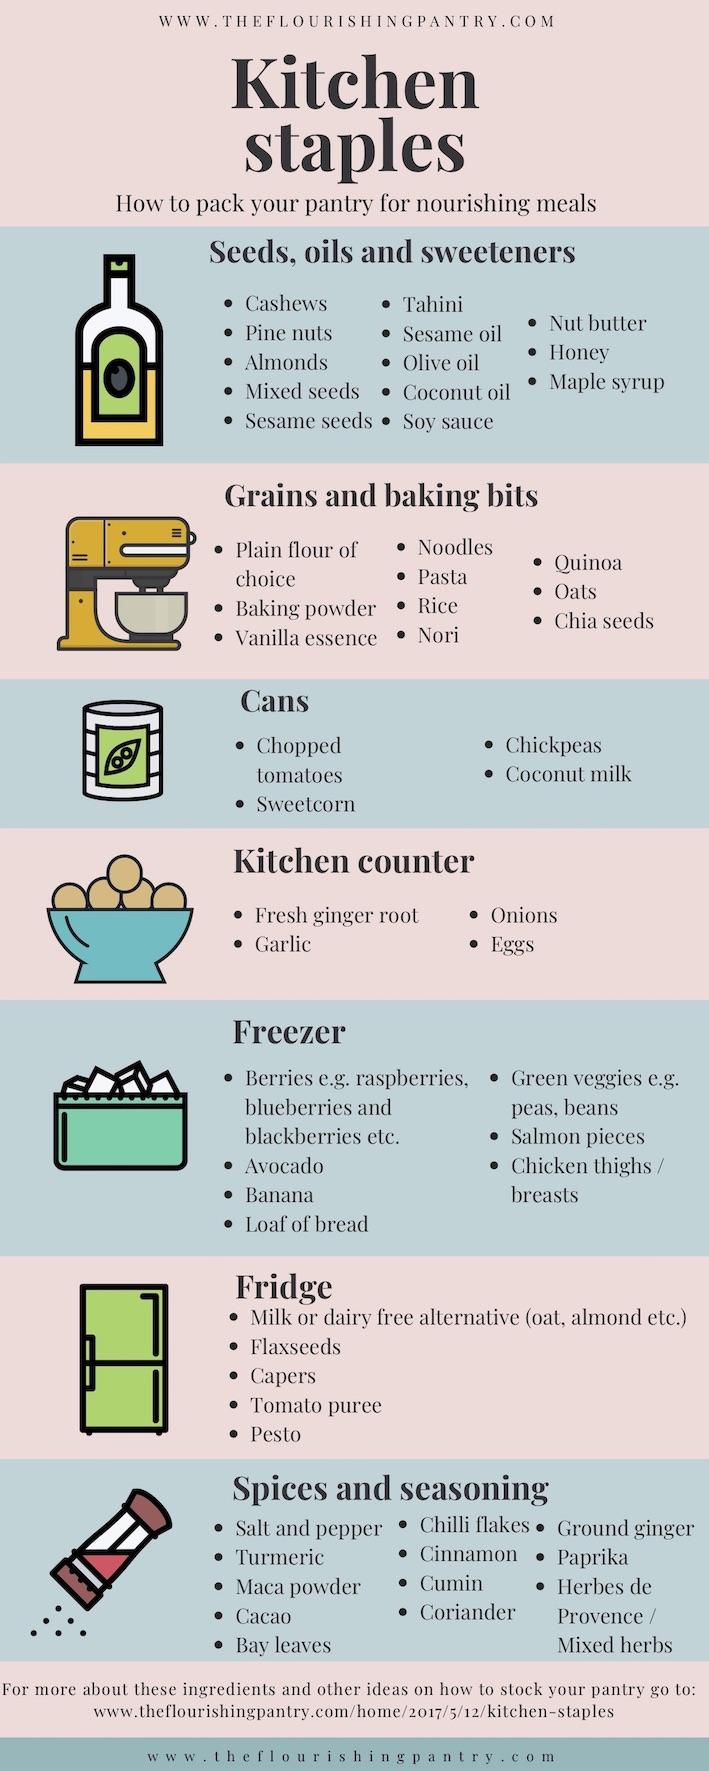 Kitchen staples info graphic - update.jpg